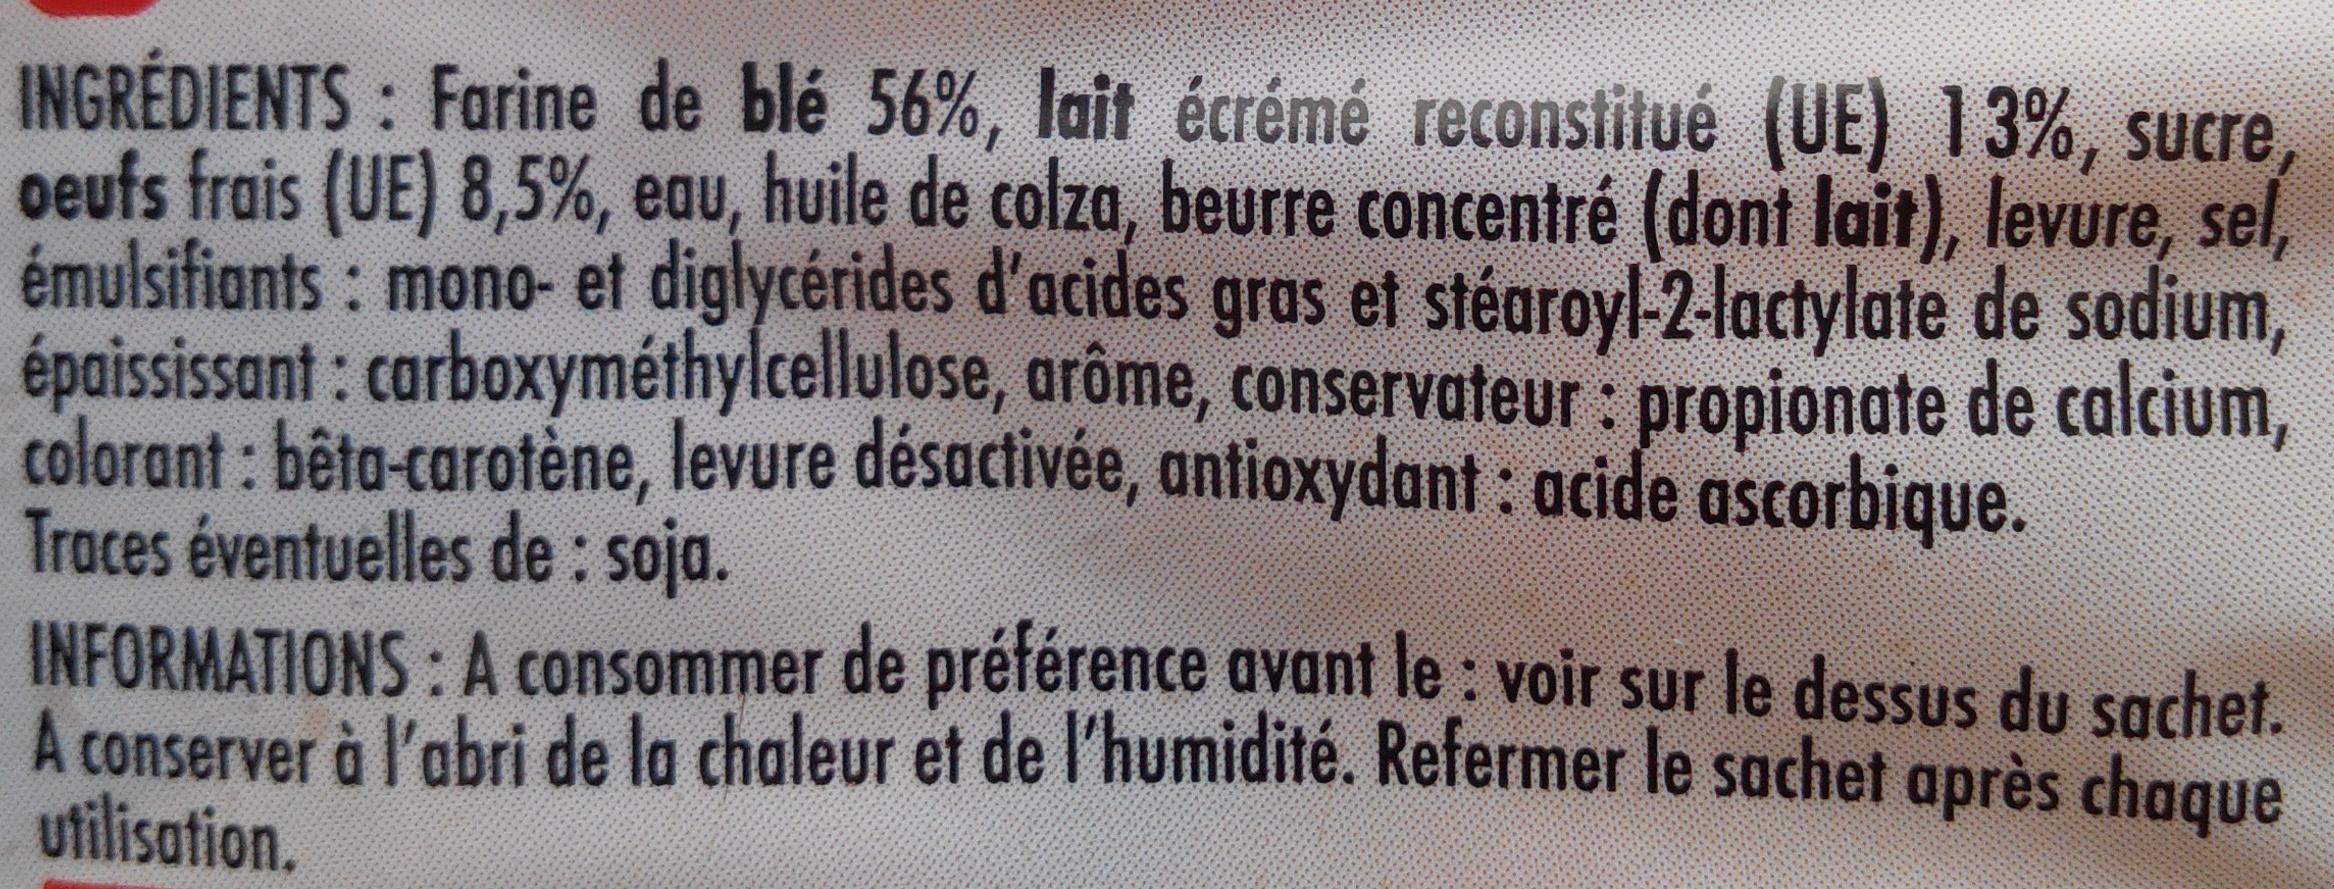 15 Pains au Lait aux Œufs Frais (Format Familial) - Ingredients